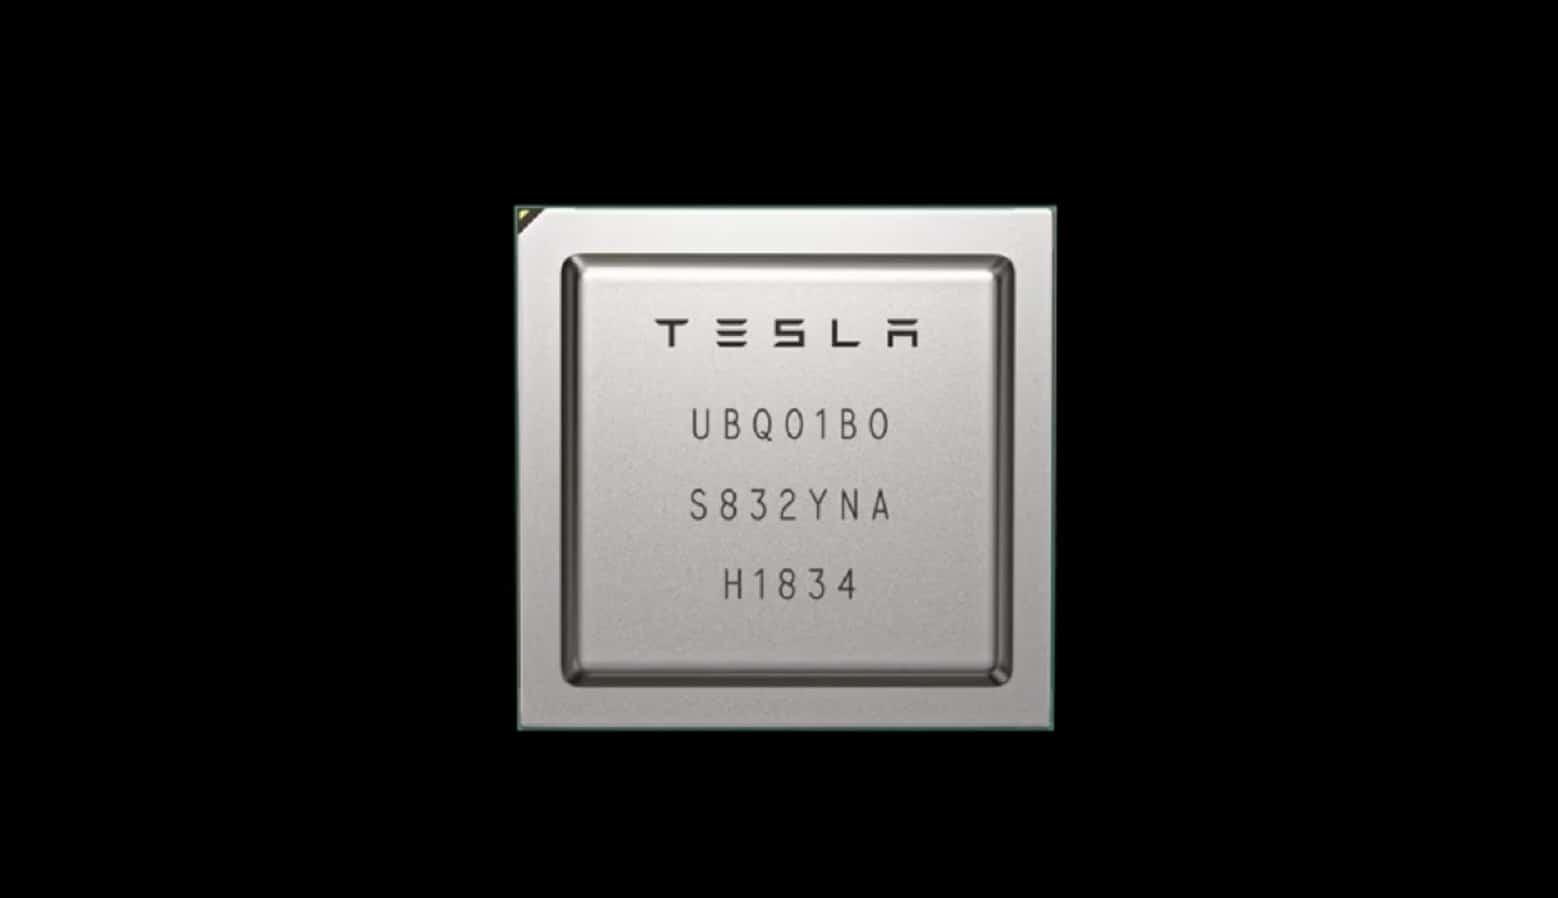 tesla self-driving chip